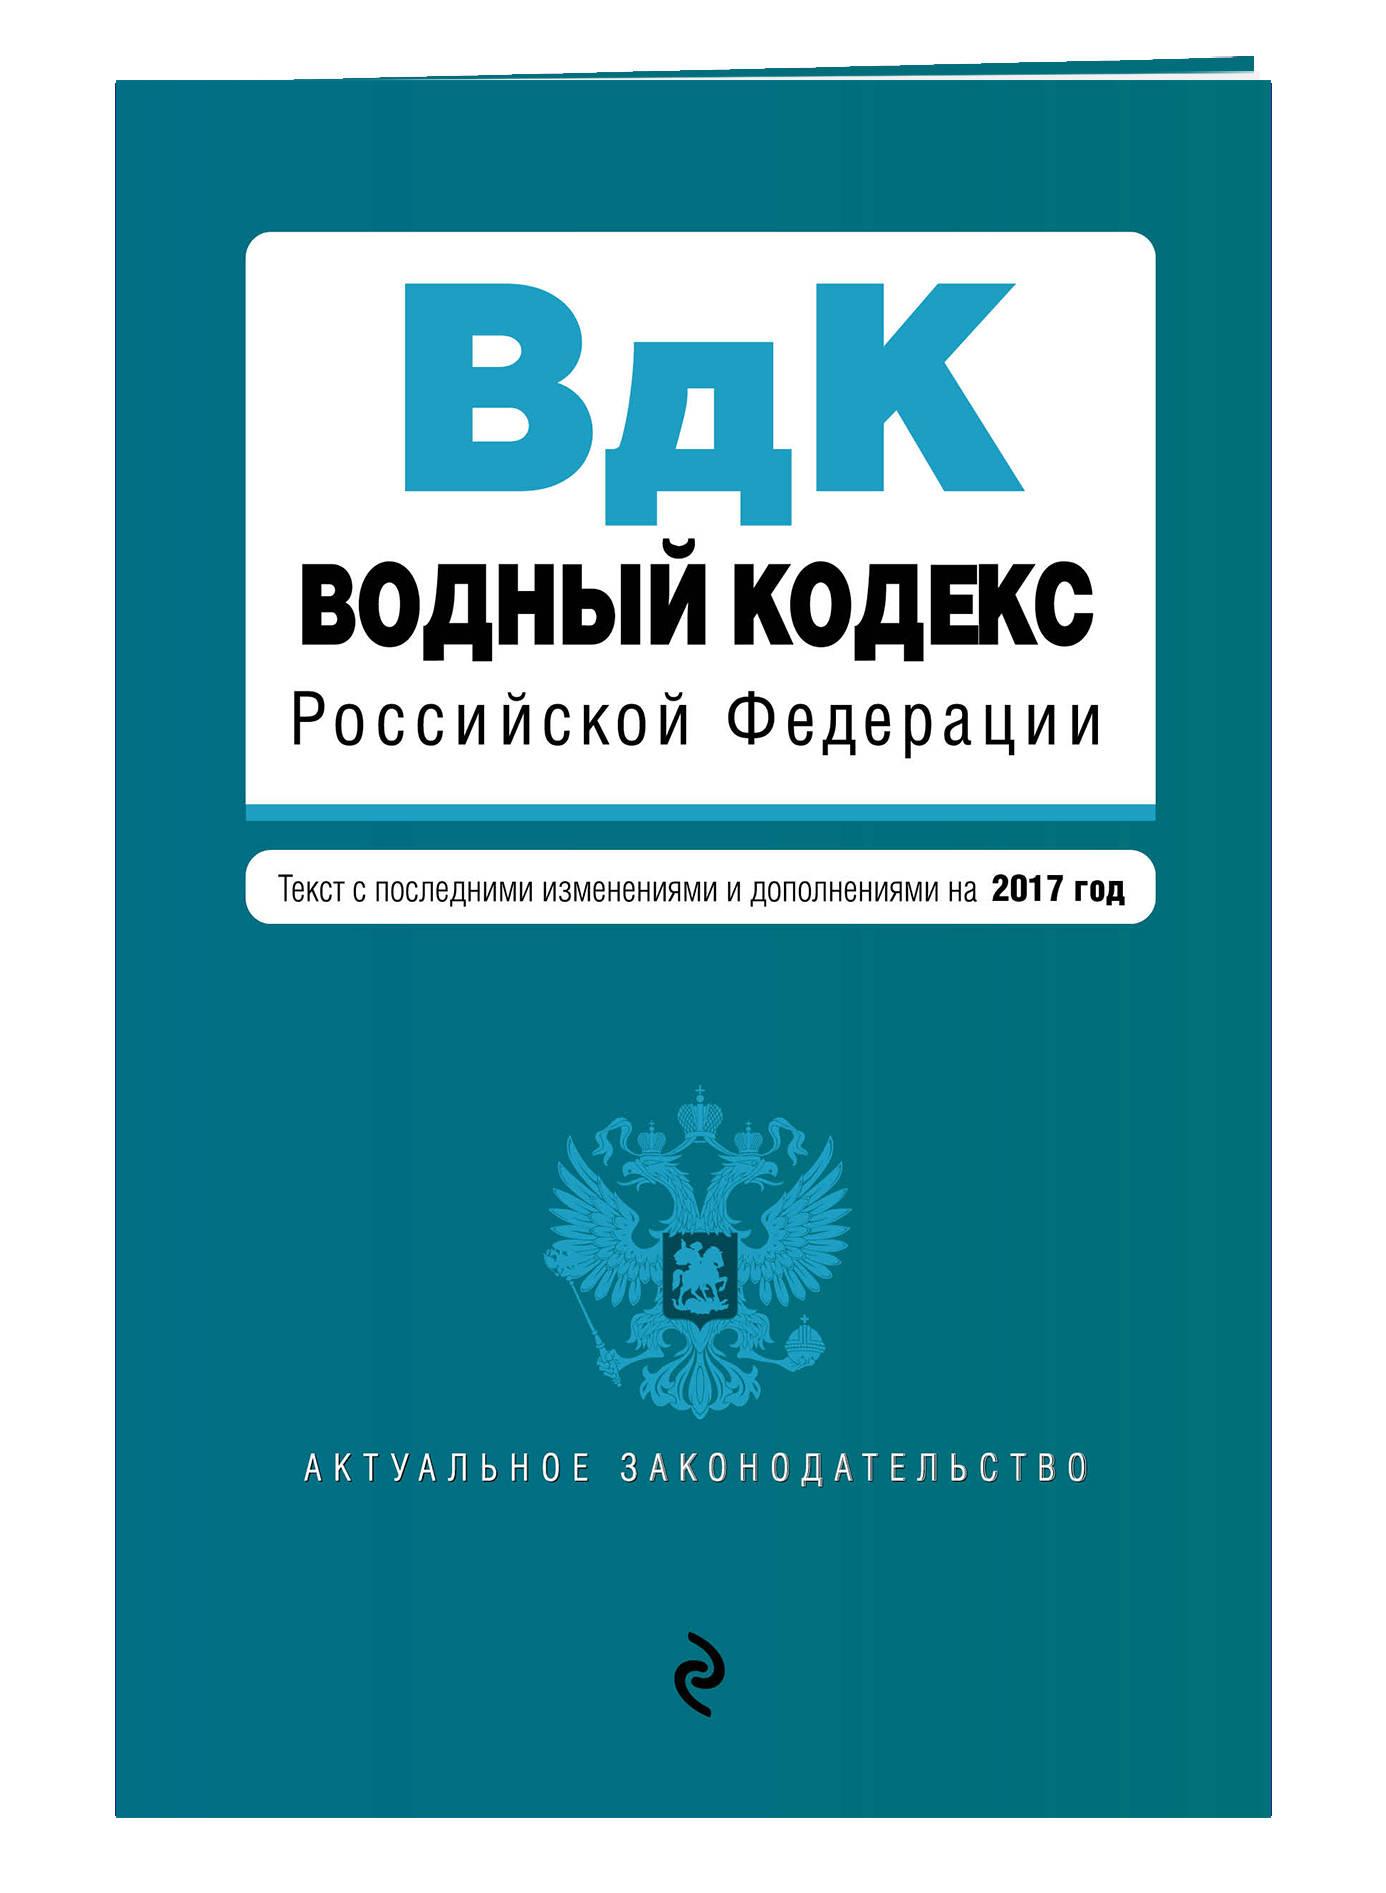 Водный кодекс Российской Федерации. Текст с последними изм. и доп. на 2017 год